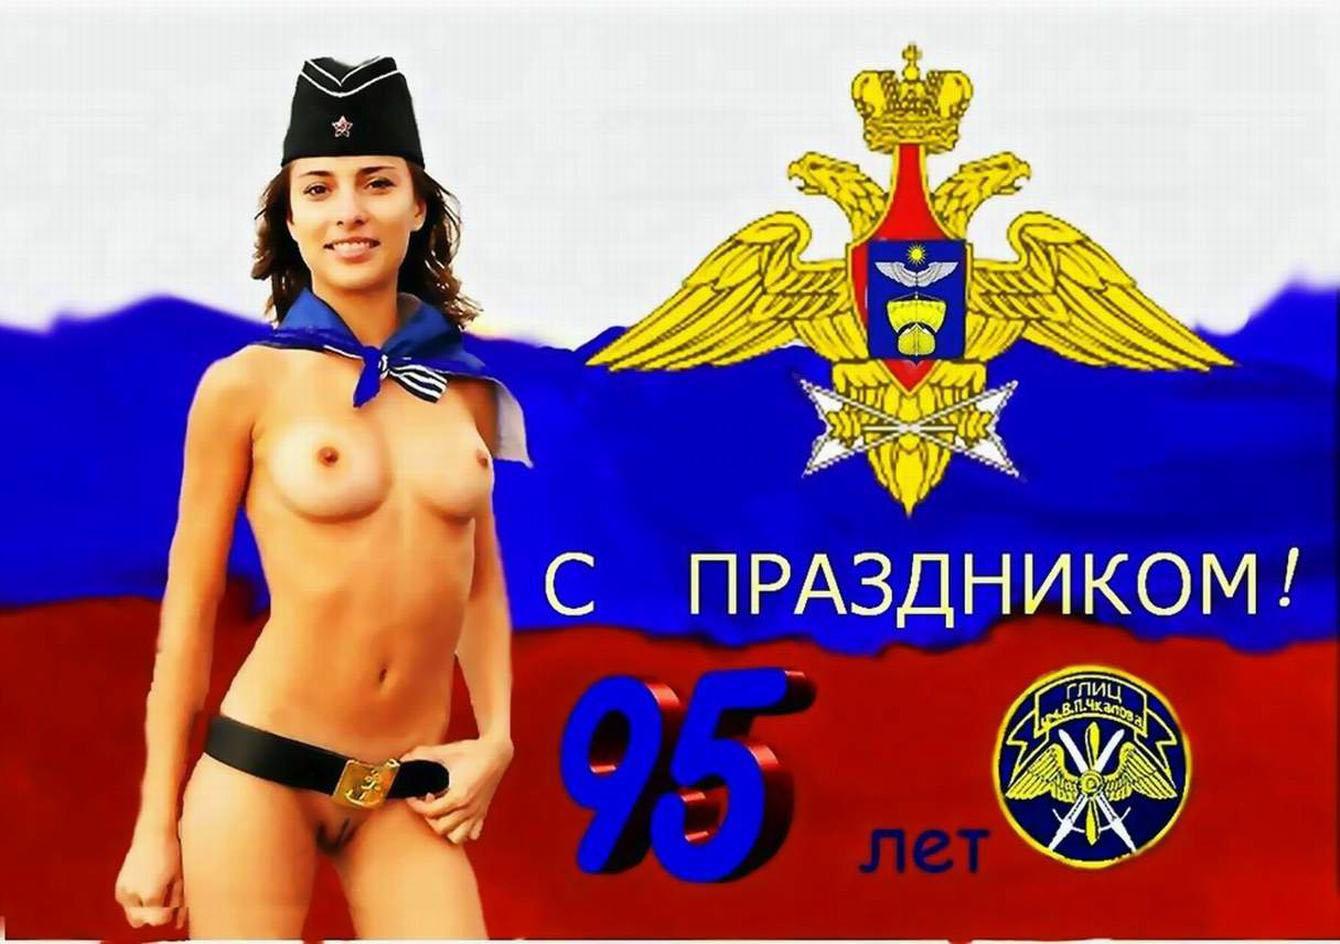 95 лет   ГЛИЦ  им. Чкалова